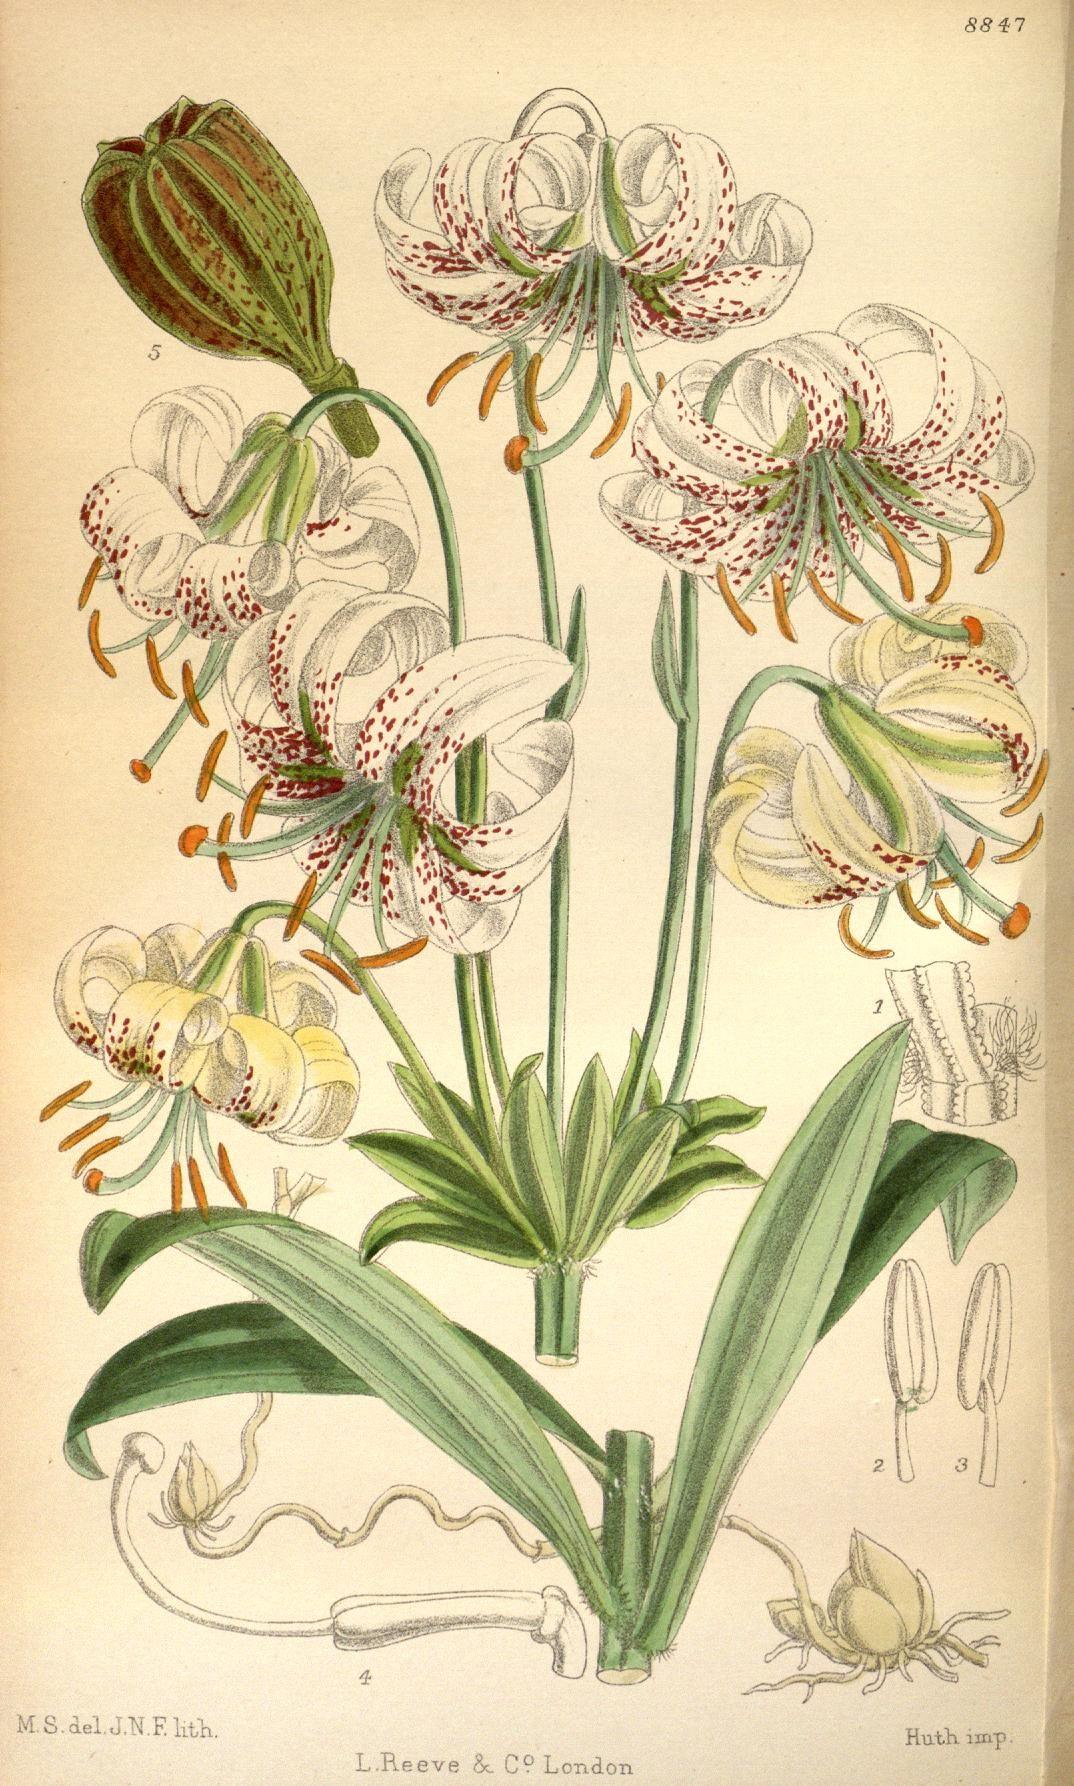 v.146 = ser.4: V.16 (1920) [no.8830-8873] - ботанический журнал Кертиса. - Библиотека наследия биоразнообразия